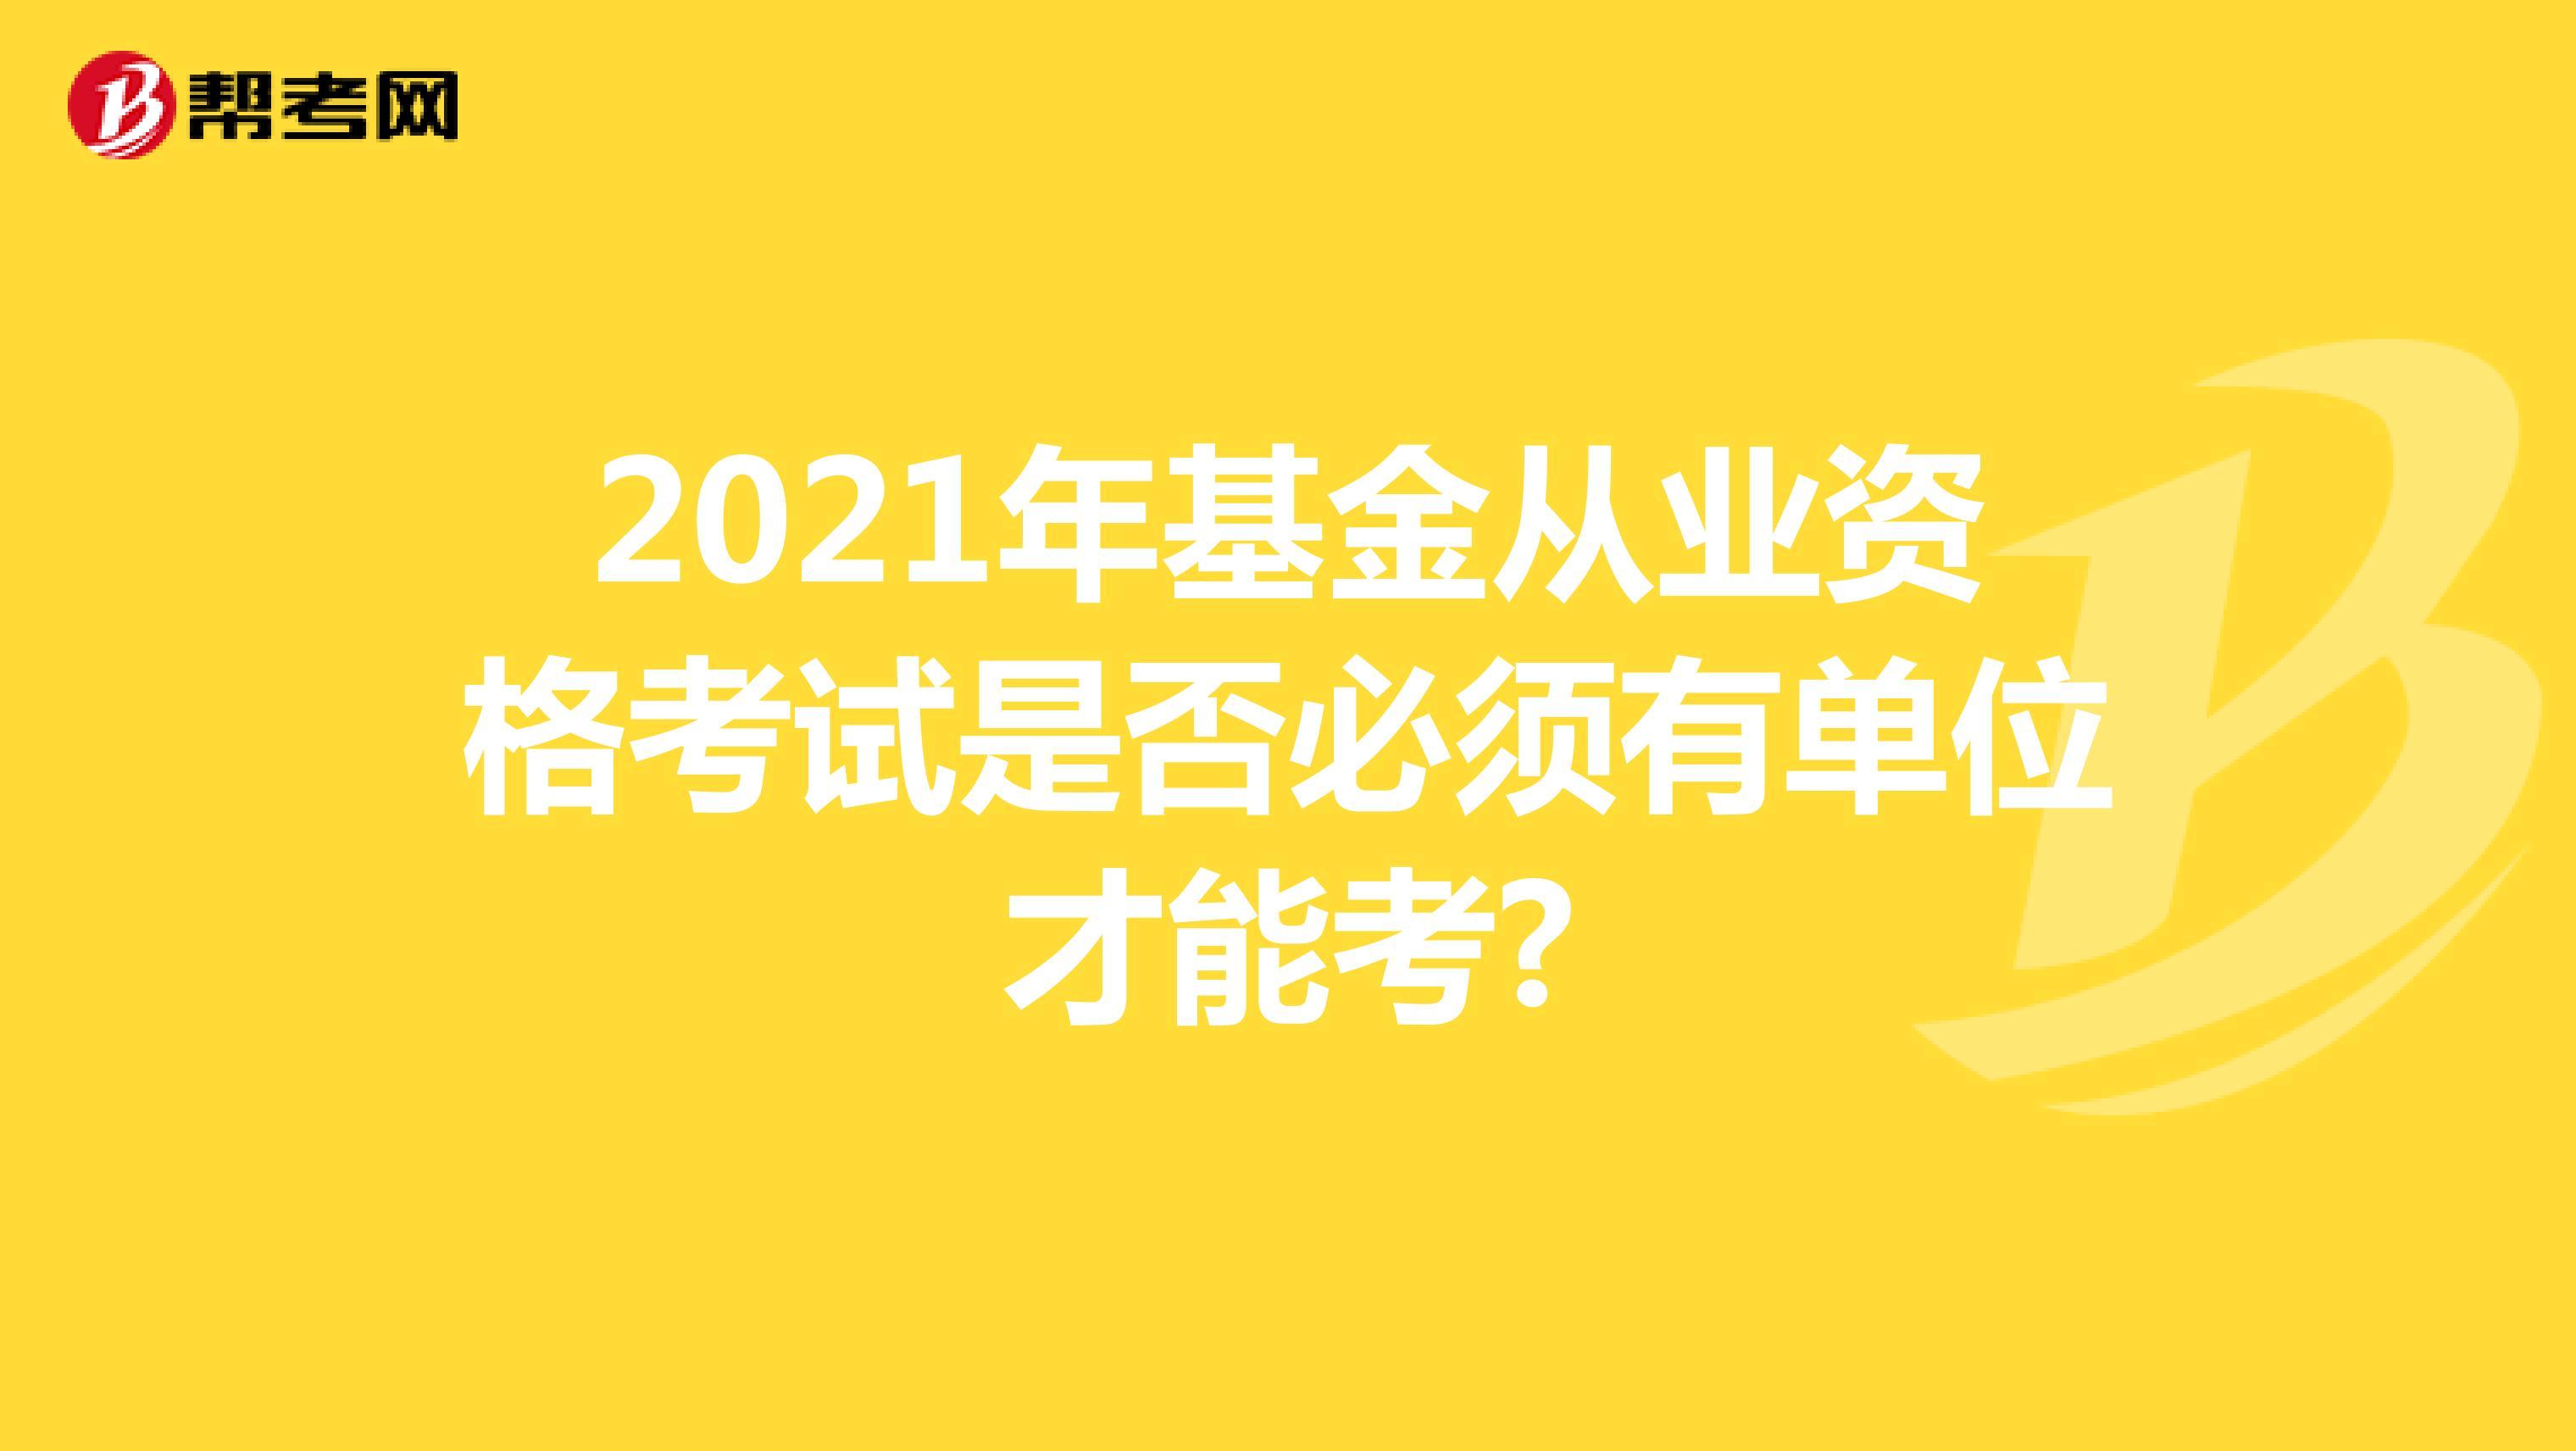 2021年基金從業資格考試是否必須有單位才能考?